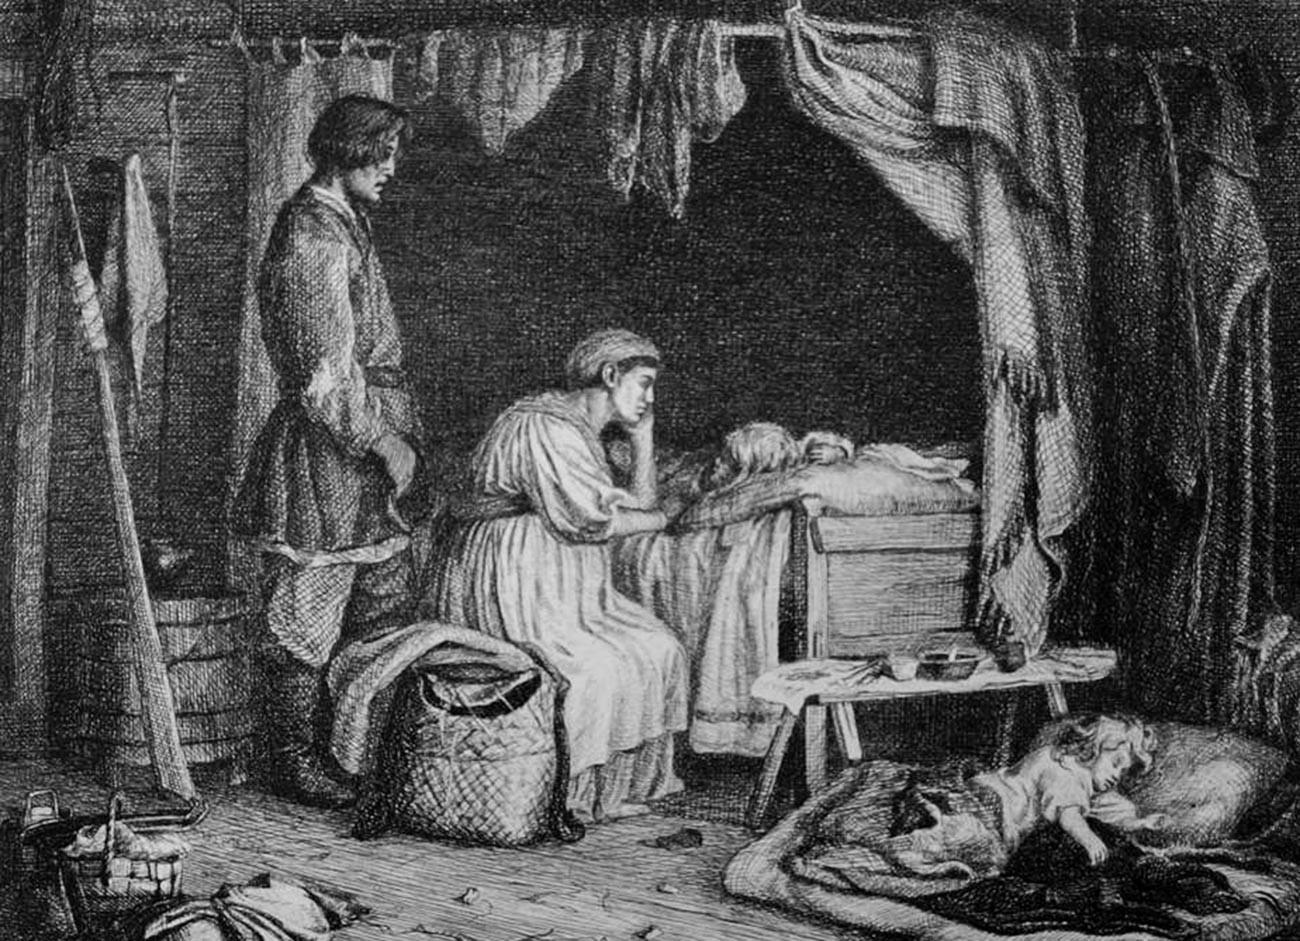 La plupart des familles des paysans russes étaient très pauvres. Beaucoup d'enfants ne survivaient pas après leur naissance.